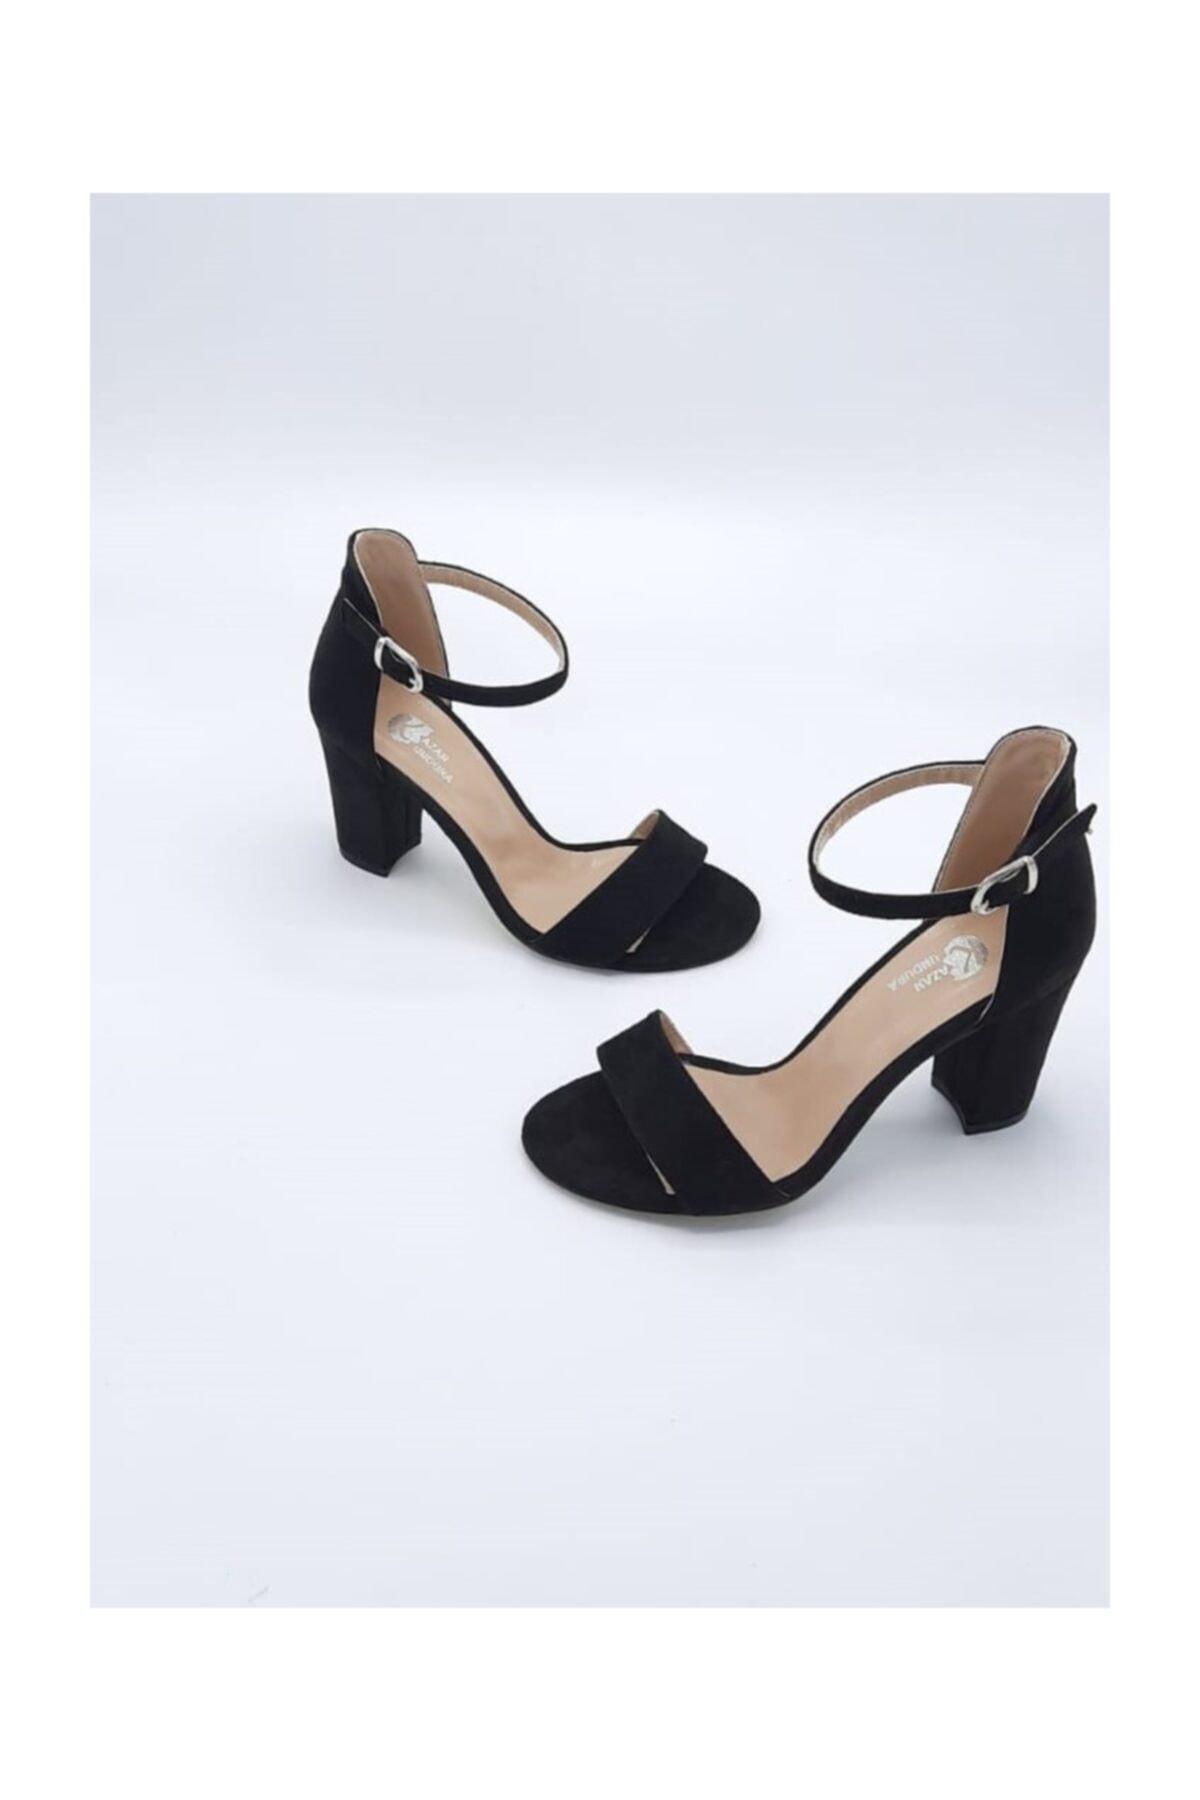 Stella Kadın Siyah Tekbant Süet Topuklu Ayakkabı 2